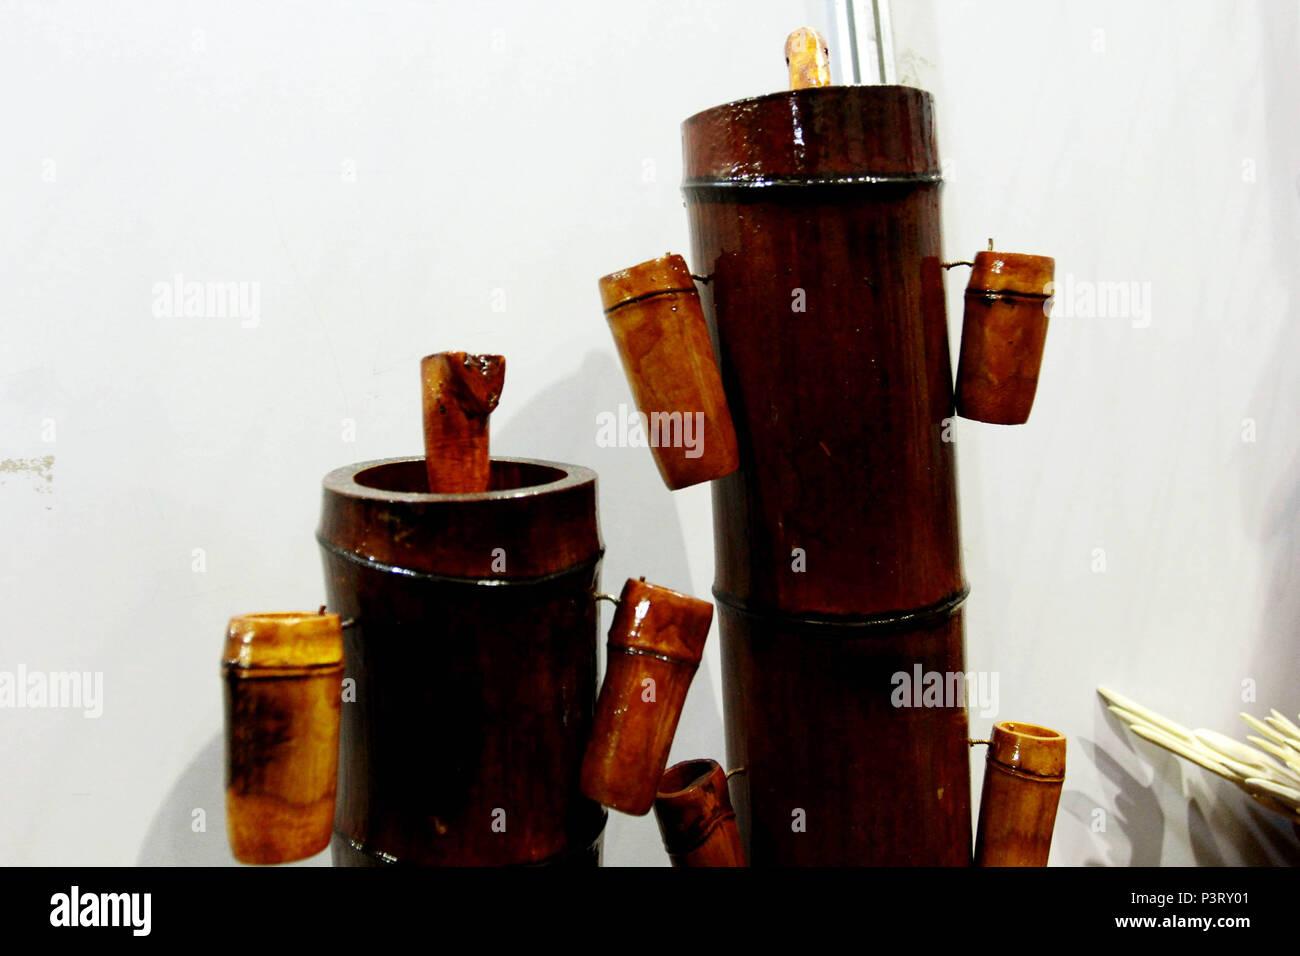 SÃO ROQUE, SP - 03.10.2015: UTENSÍLIOS DE BAMBU - Utensílios feitos a partir de bambu. Alambique e copos de bambu. (Foto: Aloisio Mauricio / Fotoarena) Foto Stock